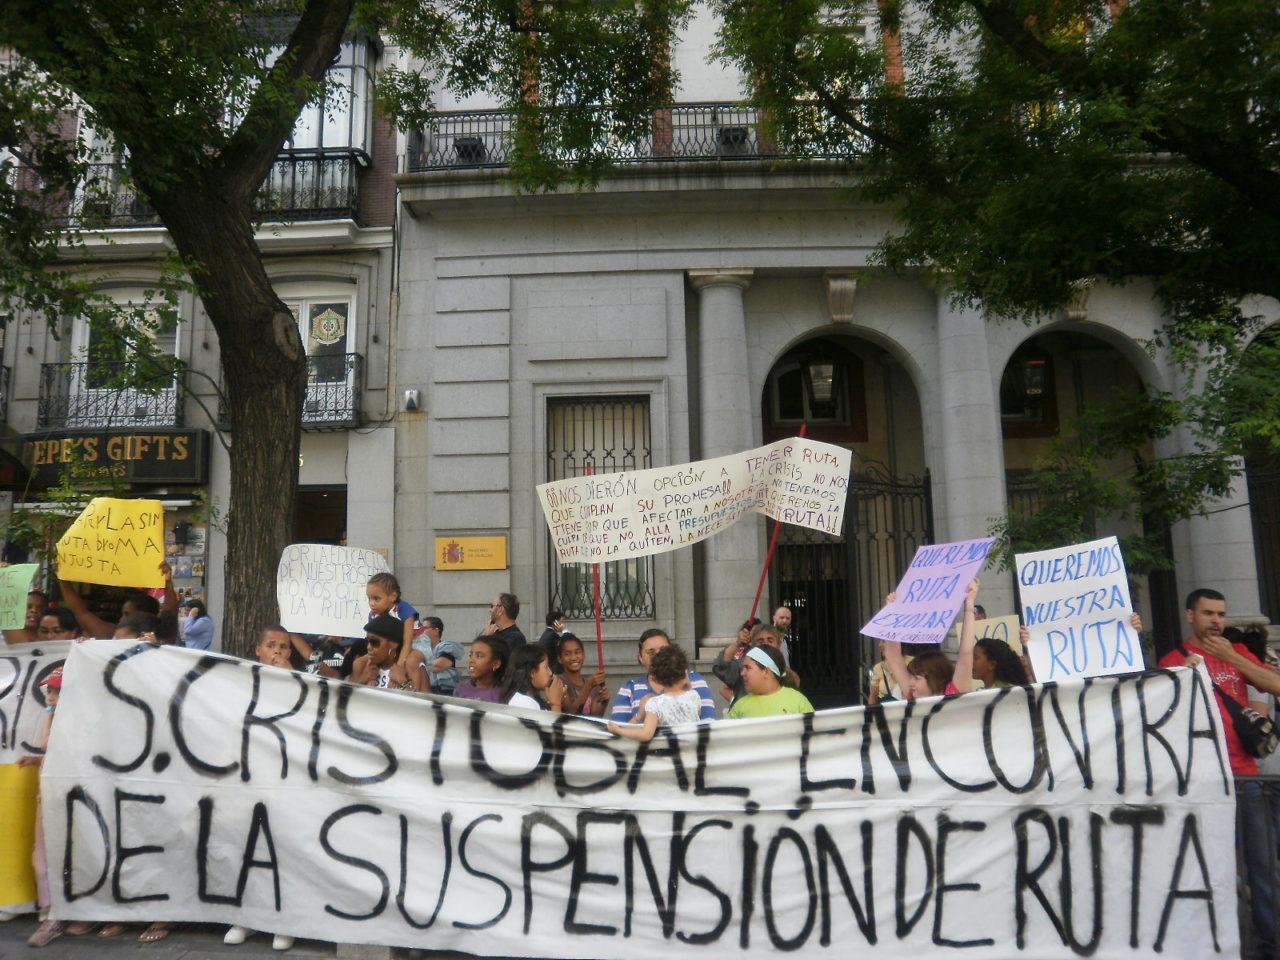 Decenas de alumnos se concentran para denunciar la supresion de su ruta de transporte escolar en San Cristobal de los Angeles (Villaverde)